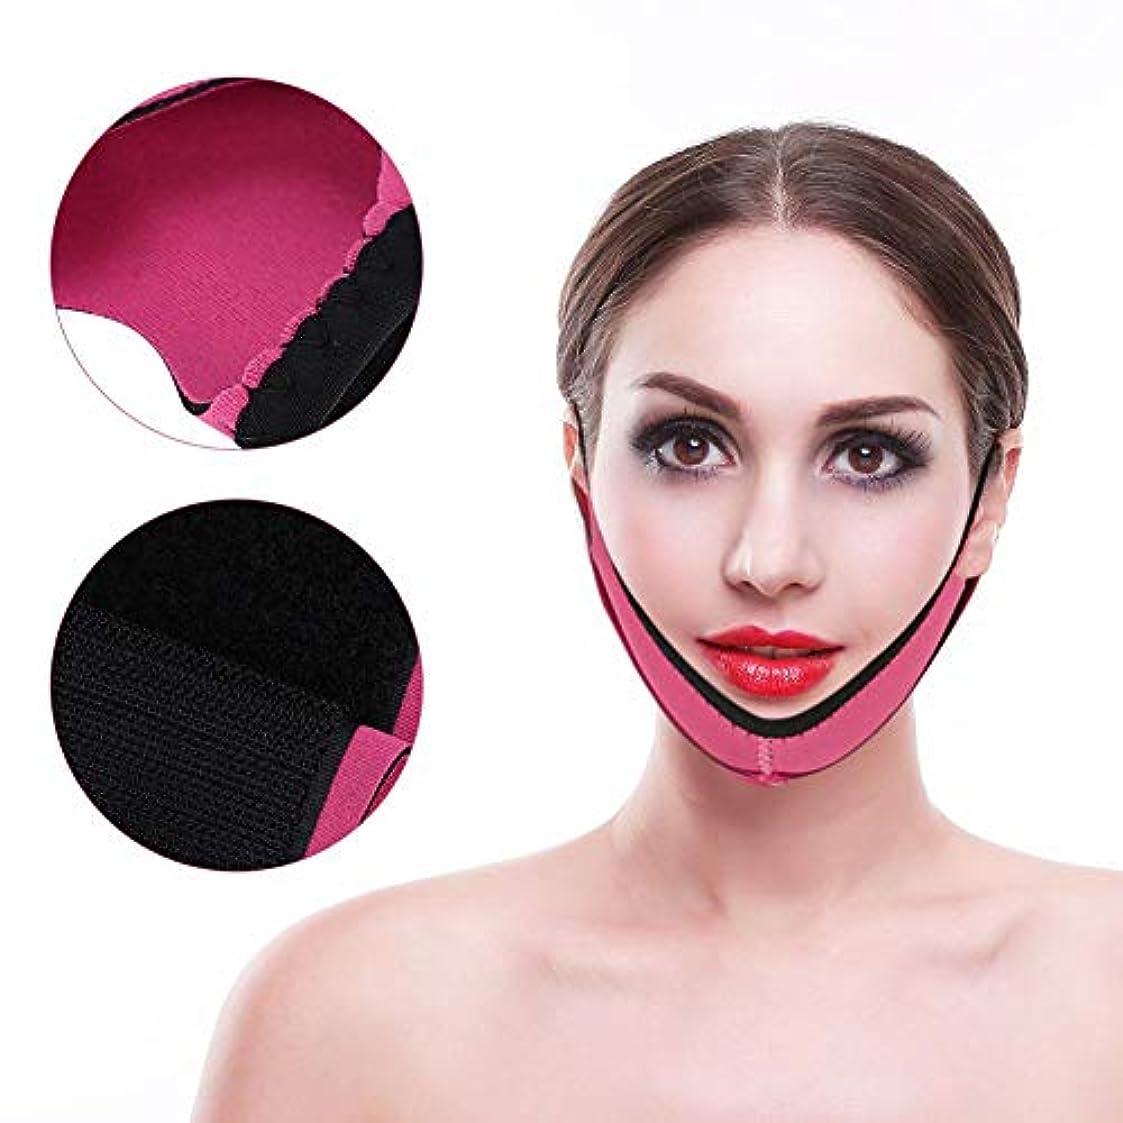 歌手ドライシフトVフェイスラインベルト、超薄型ストラップバンドVフェイスラインベルトは、二重あごと顔面筋の弛緩を効果的に改善します。